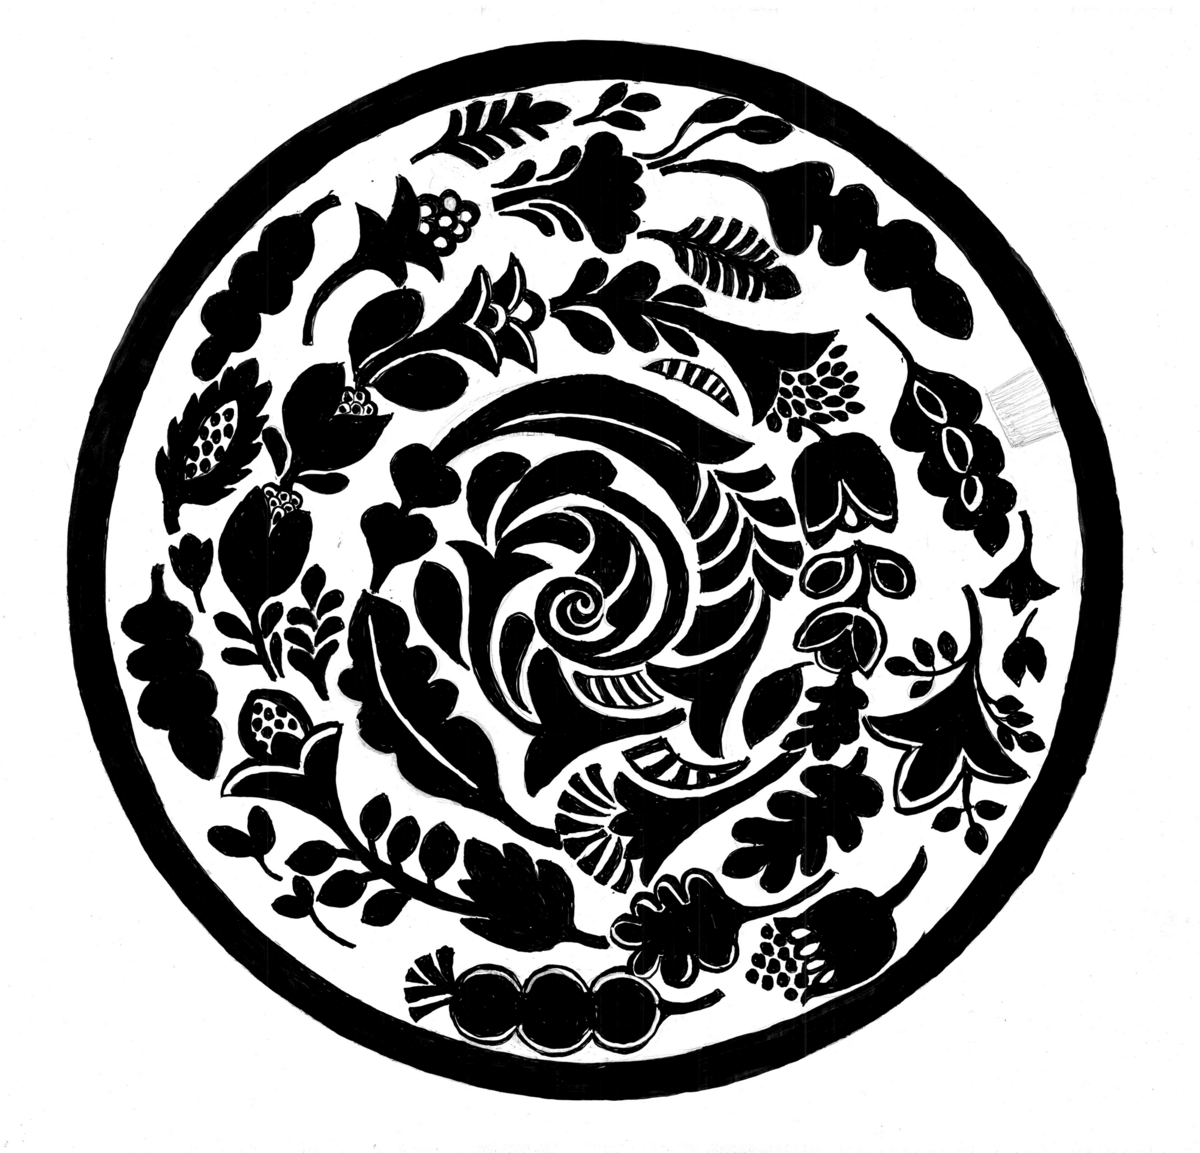 IVSpiral  Mitt fjerde utkast bruker også motiver fra naturen.Det er formet som en spiral. Spiralen finnes over alt i naturen. I tusener av år, har vi mennesker vært fascinert av den. Det finnes knapt en vitenskapsgren eller kulturområde hvor spiralen ikke er tilstede.